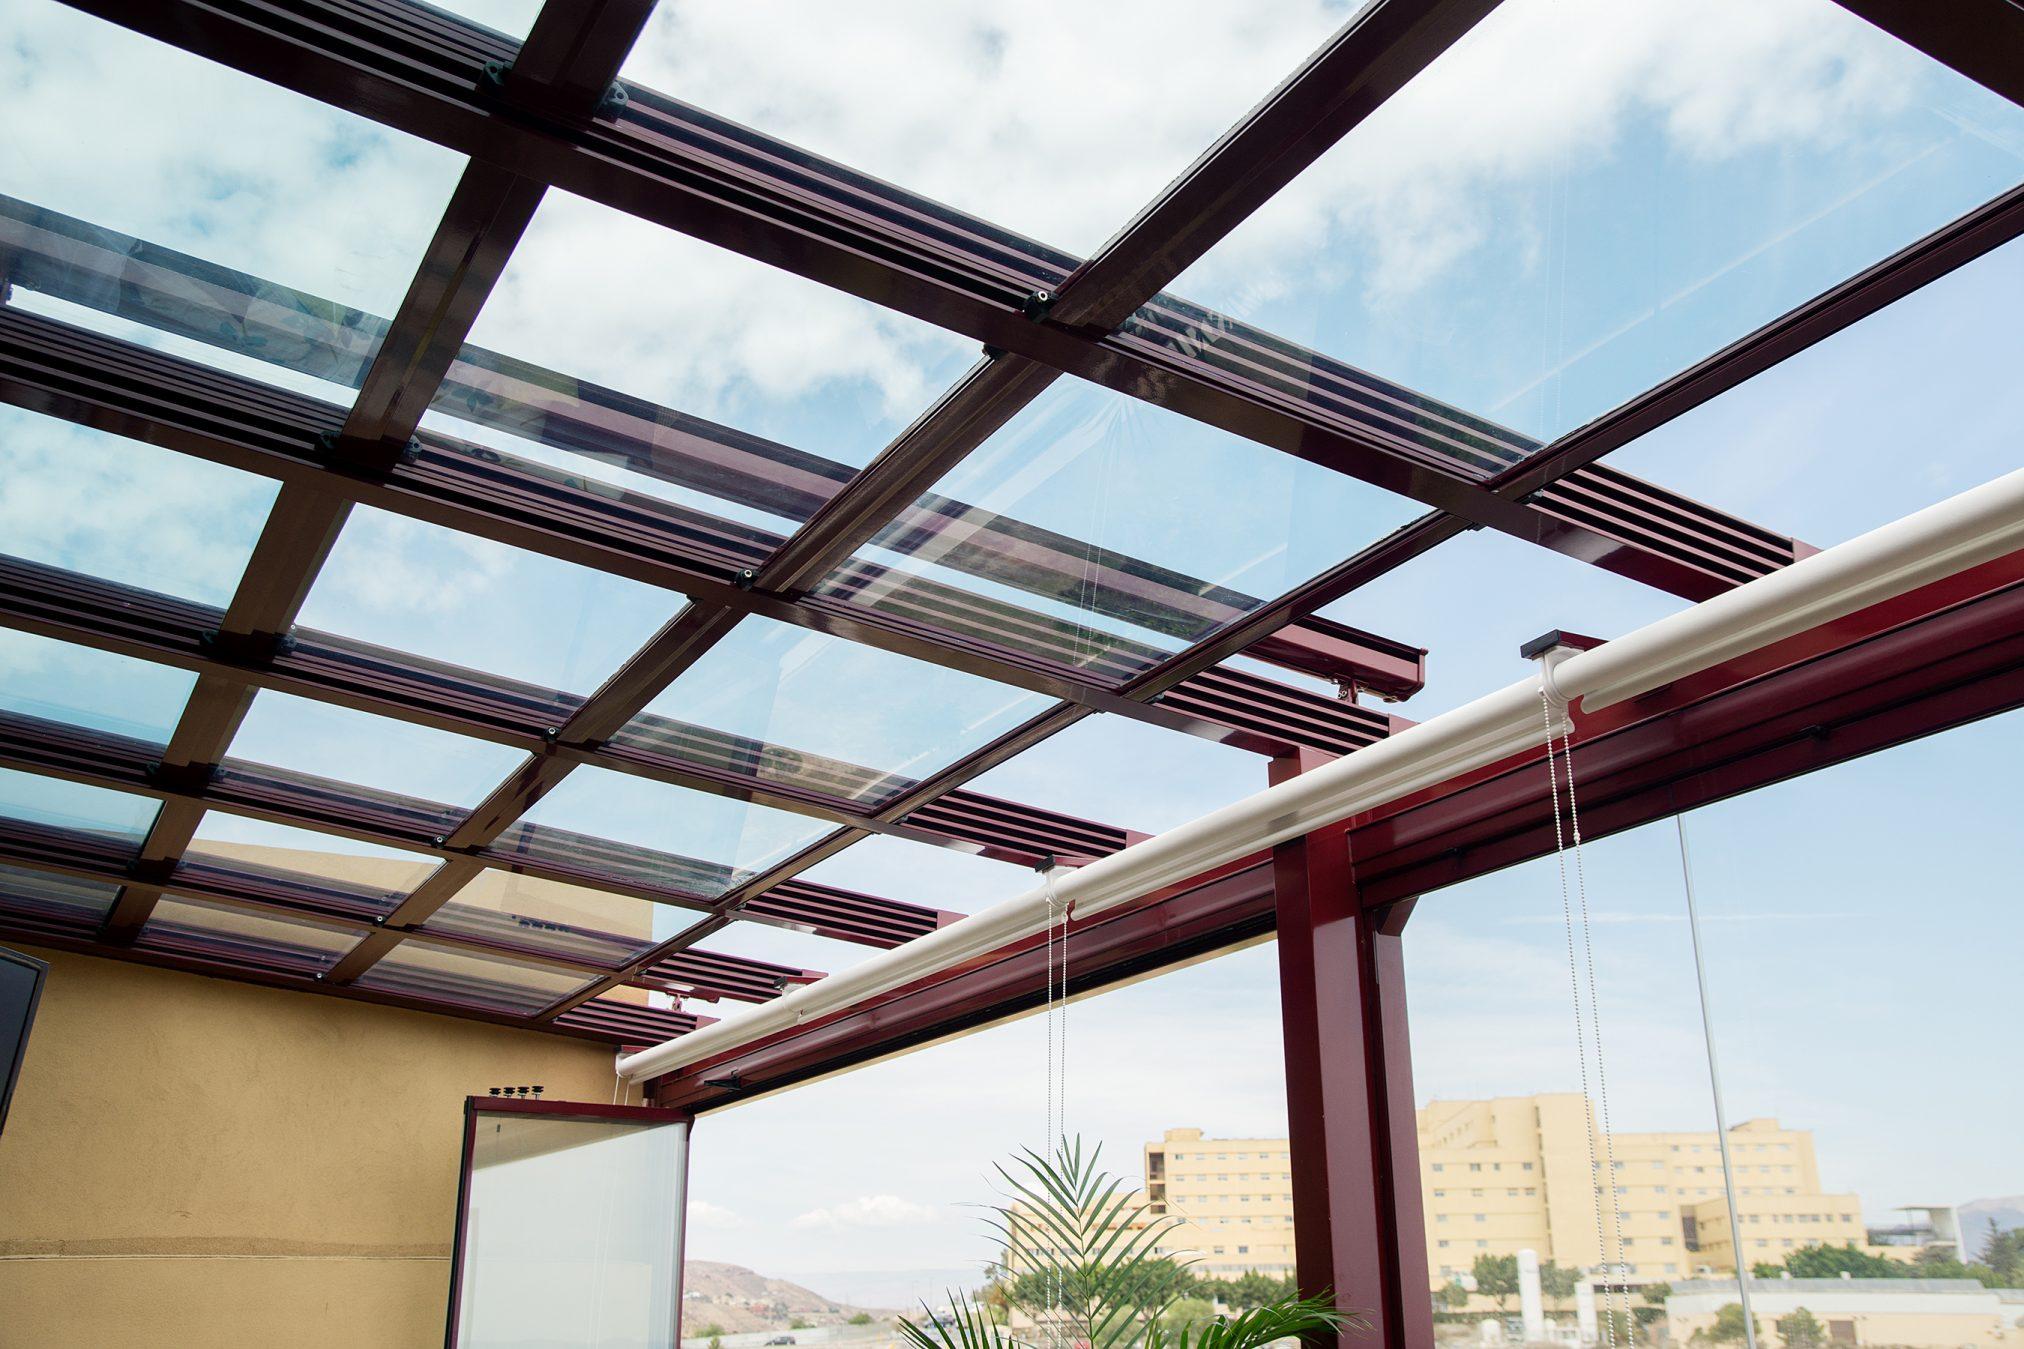 techos moviles de cristal adraglass soluciones con vistas